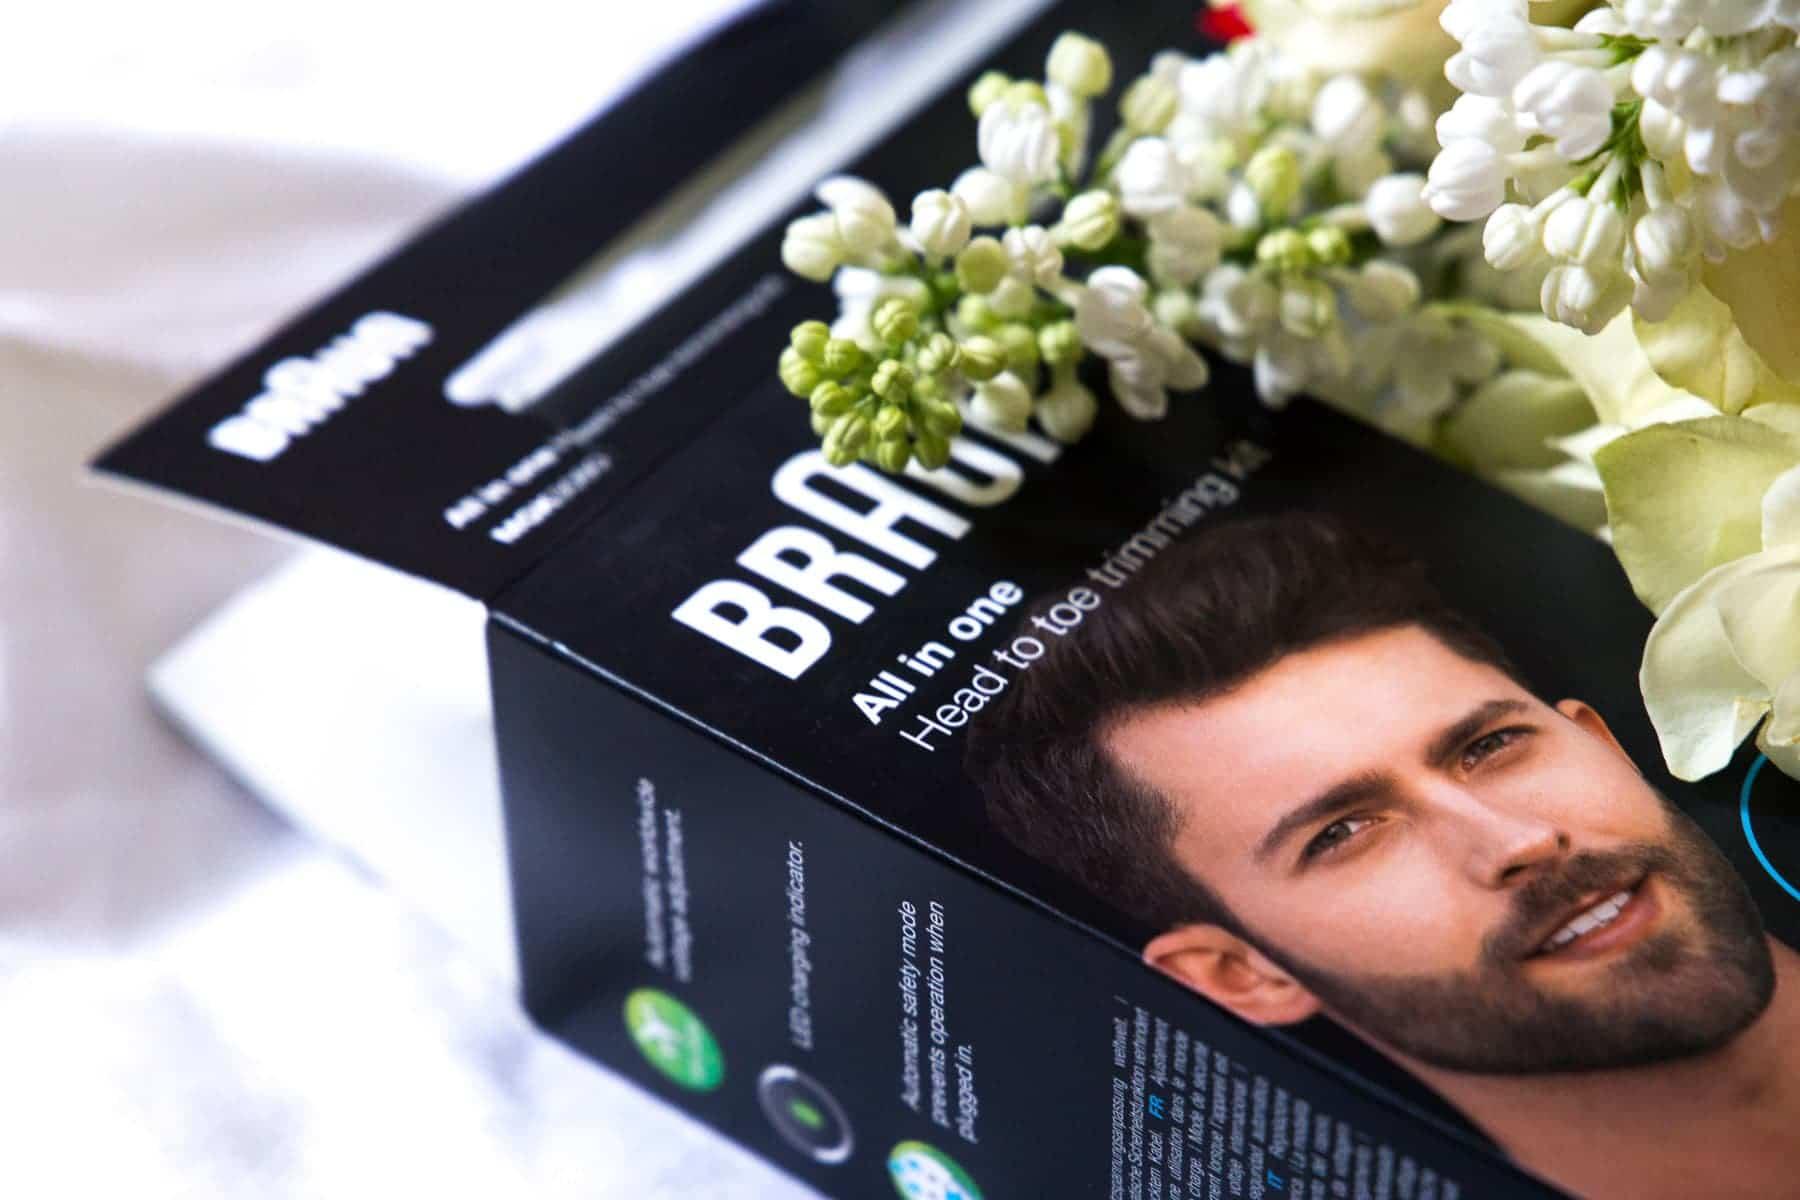 Get ready with HIM & Braun: Date Night Styling für Männer